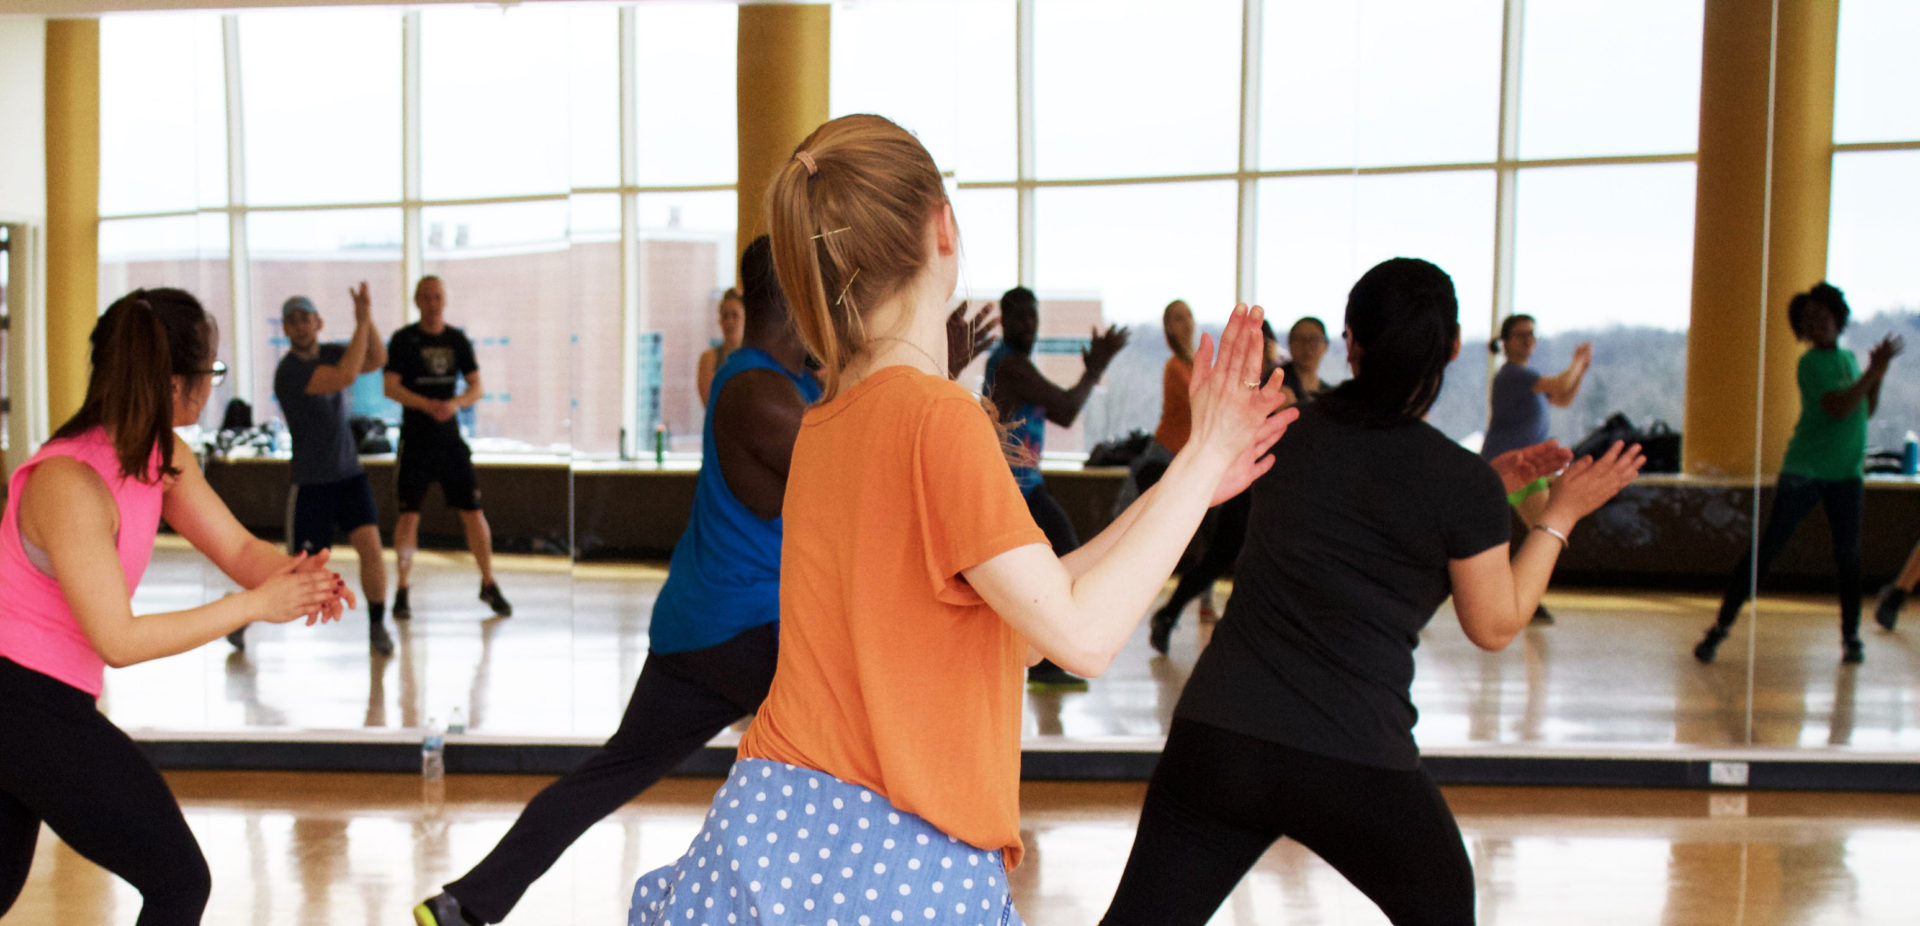 Eine Gruppe junger Tänzerinnen lernt eine neue Choreografie.